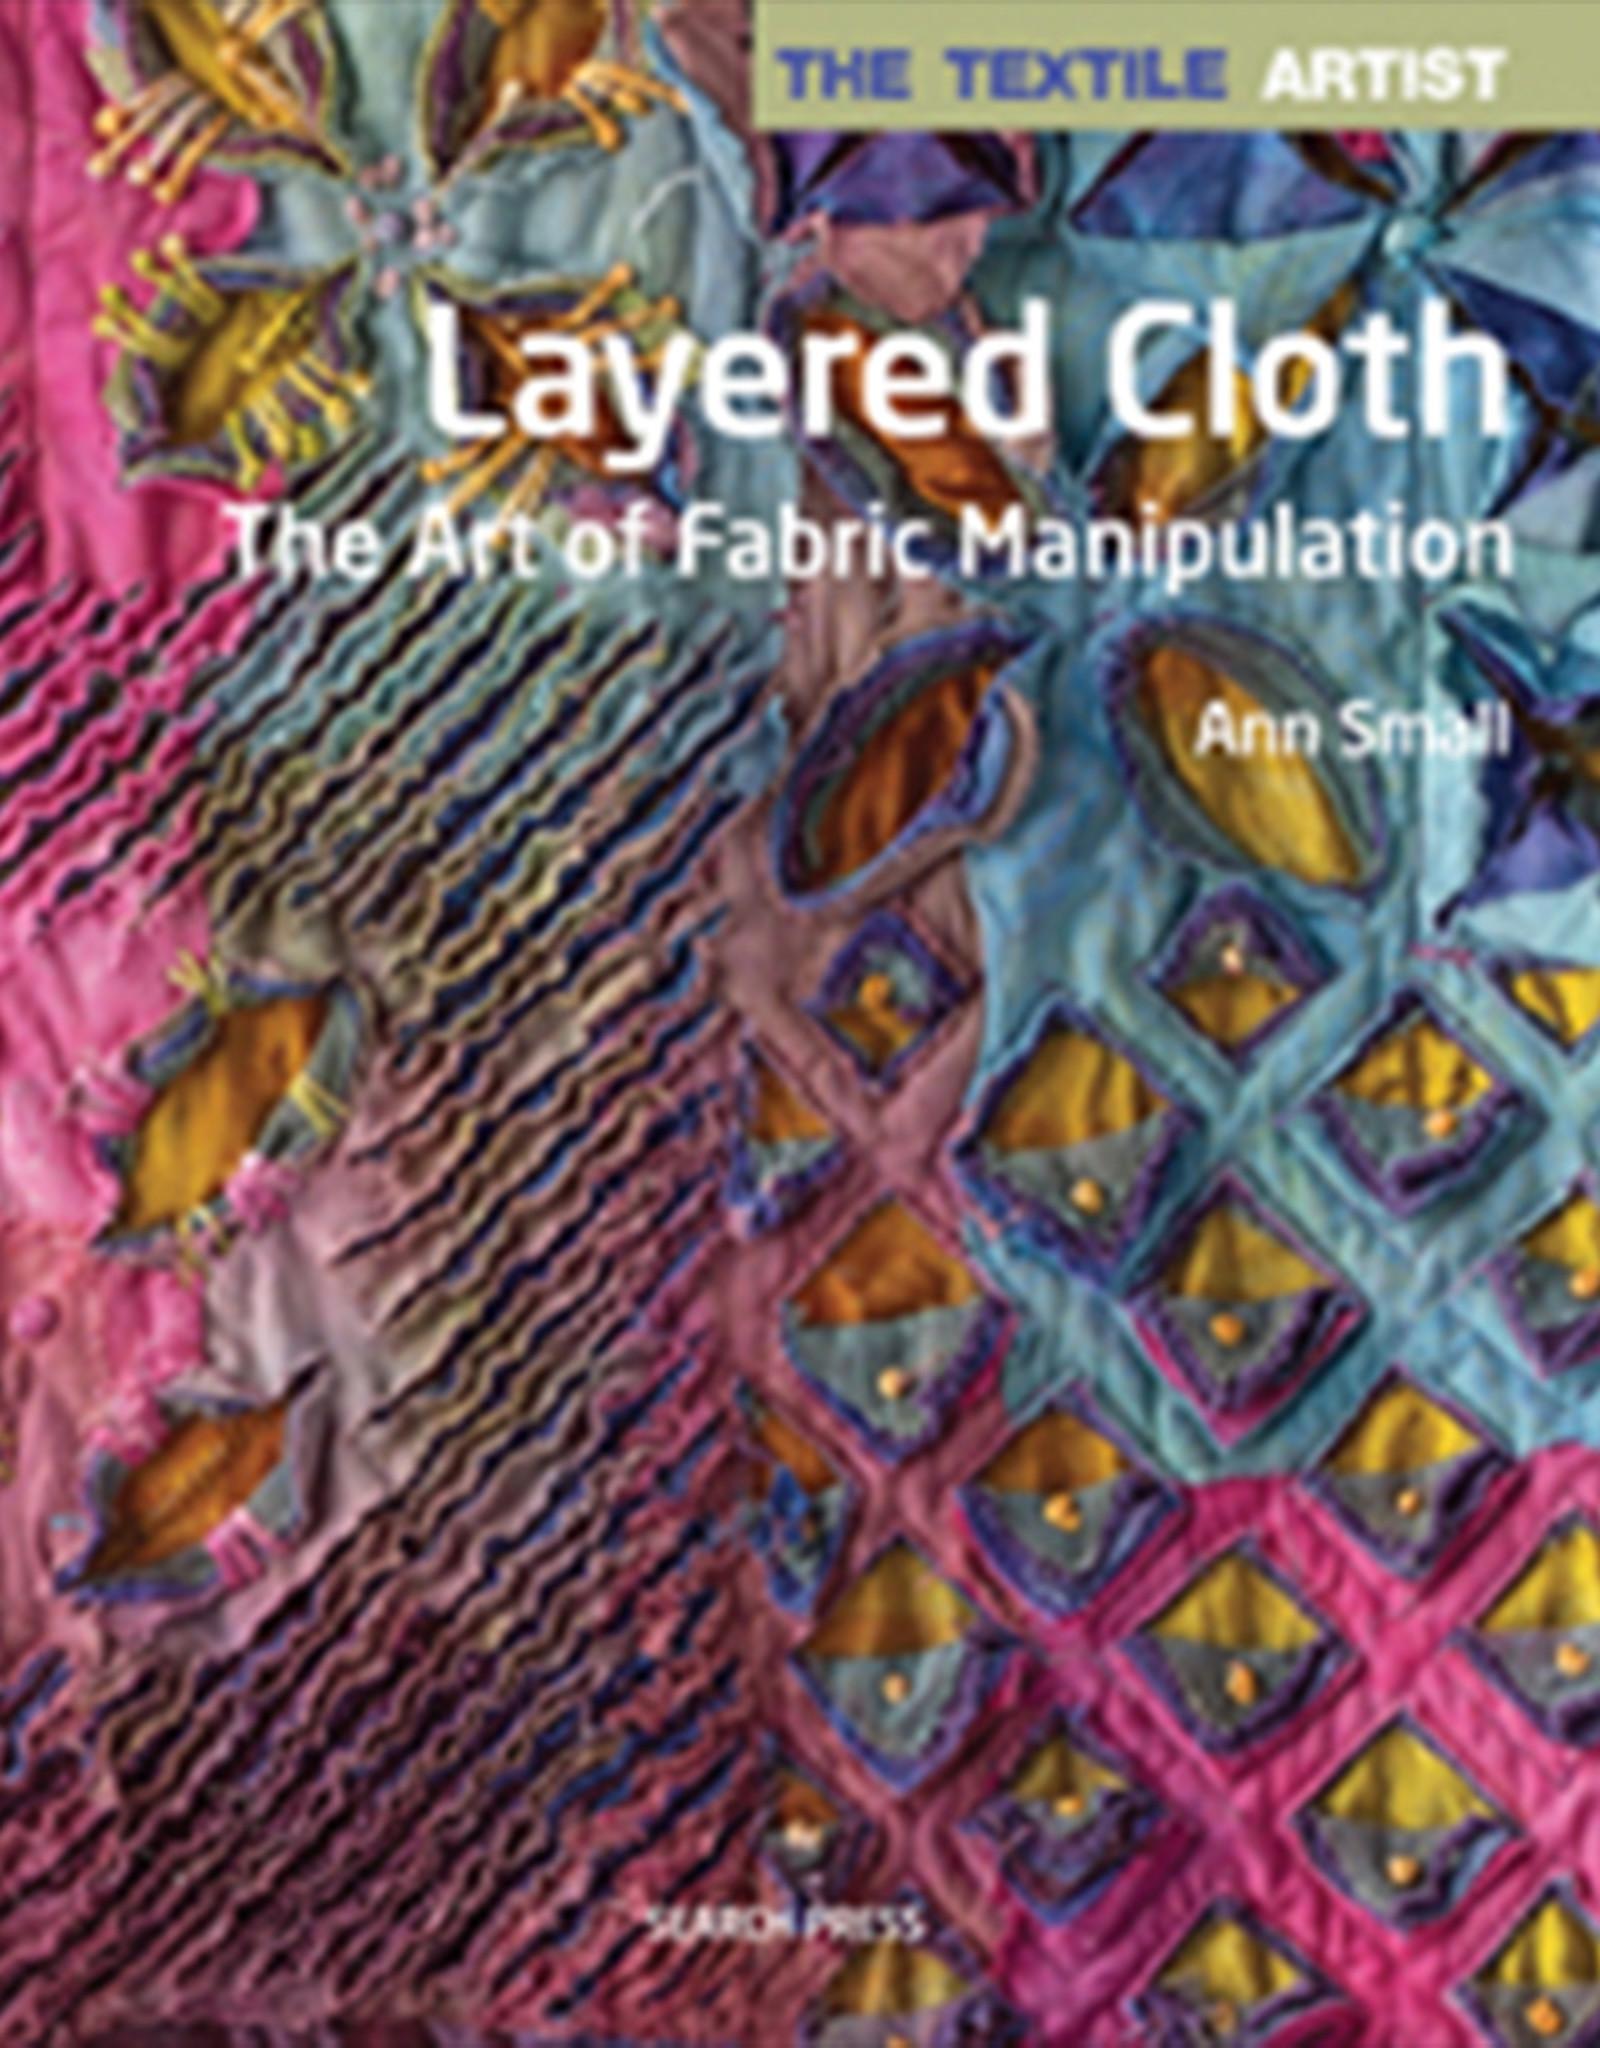 Layered Cloth / Ann Small